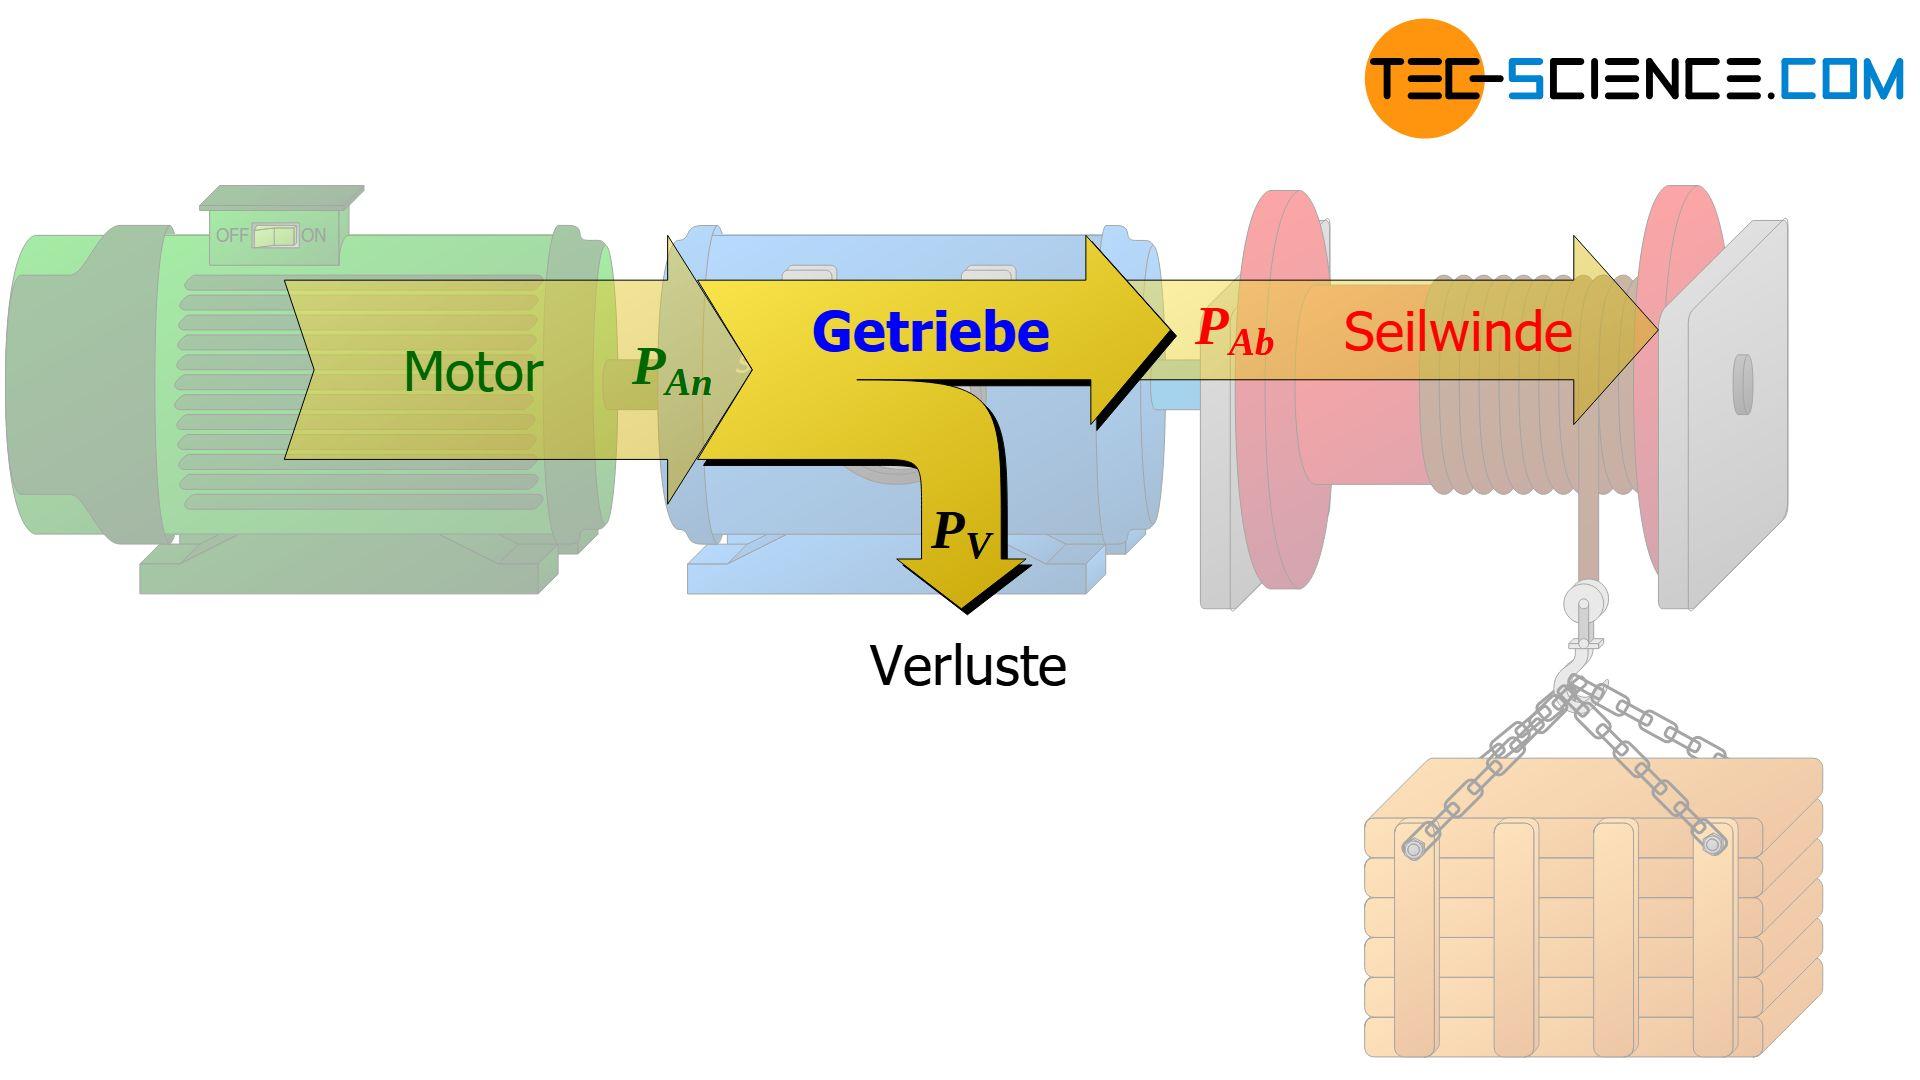 Energieflussdiagramm eines realen Getriebes